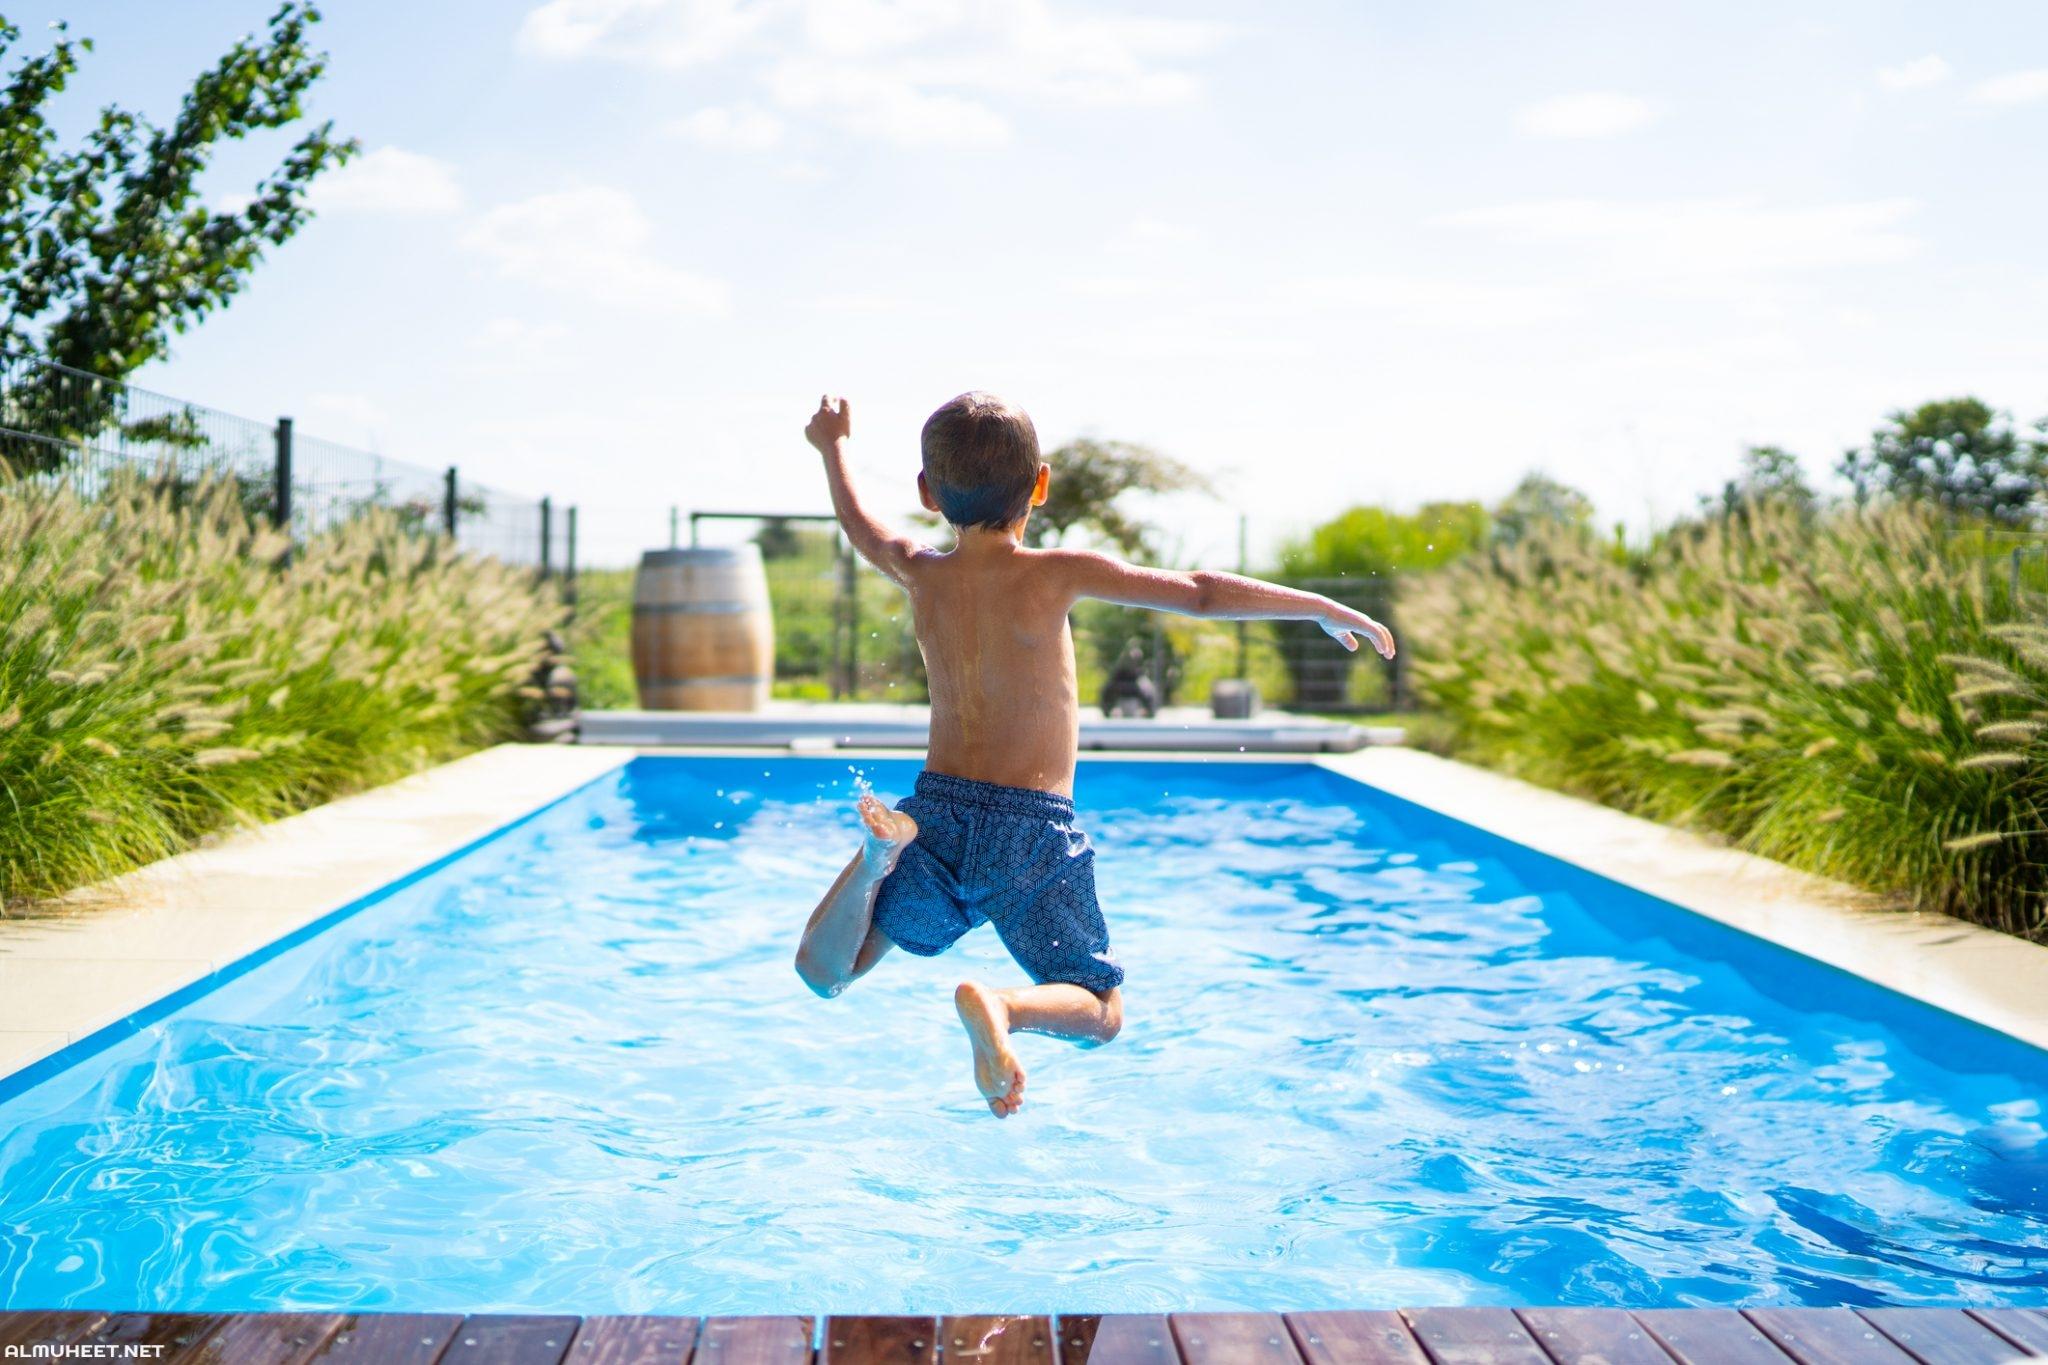 تفسير حلم القفز في المسبح